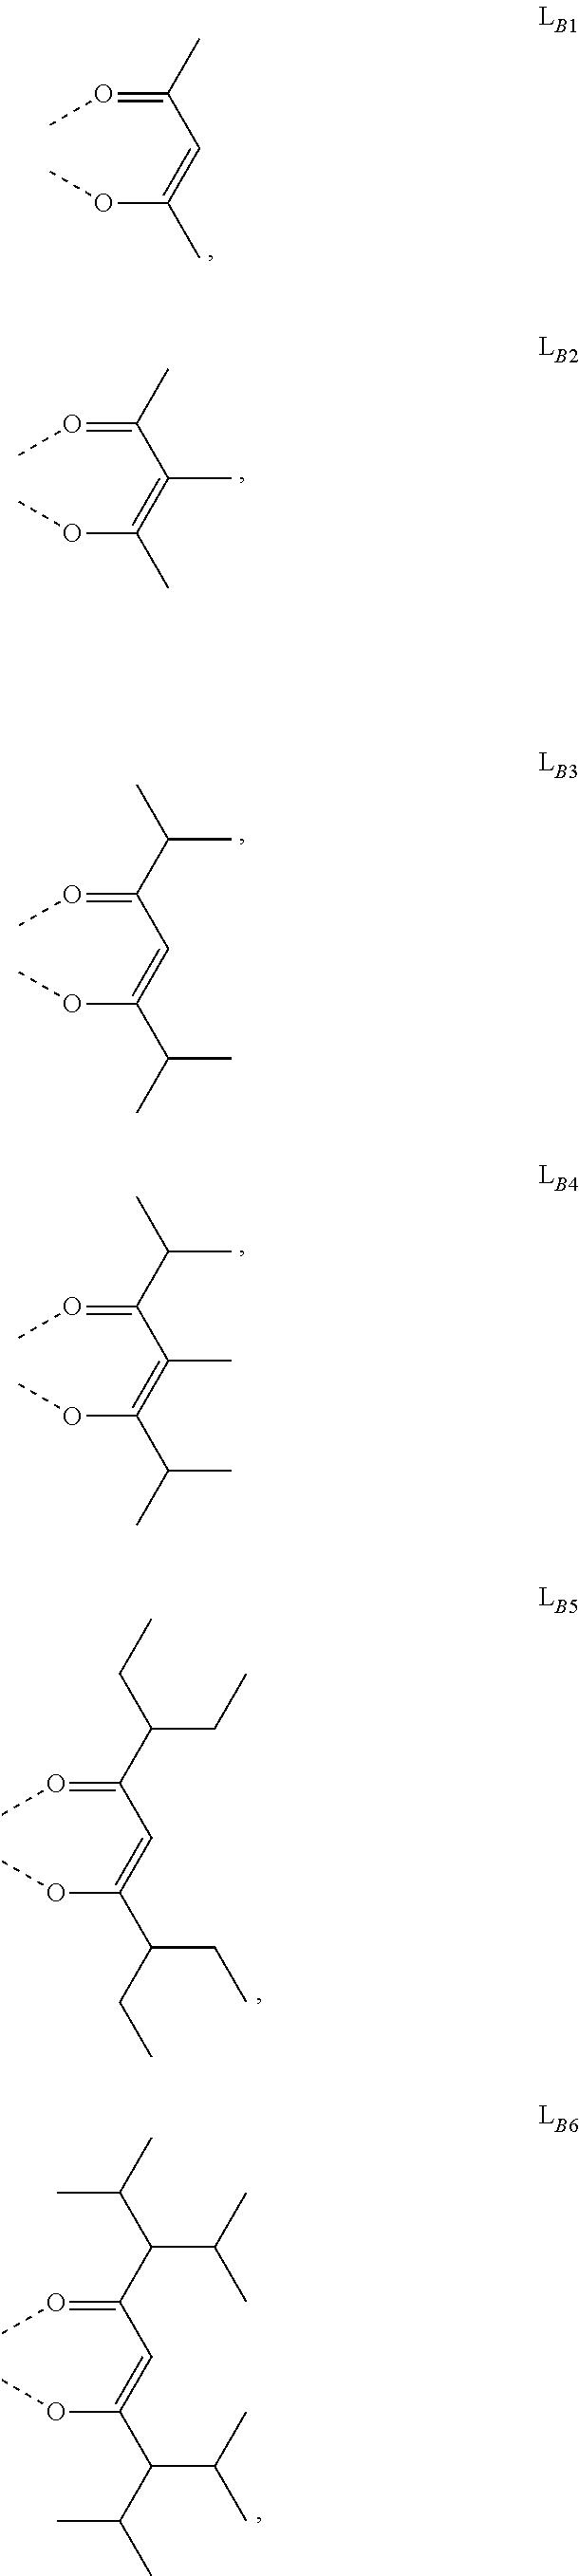 Figure US09859510-20180102-C00152